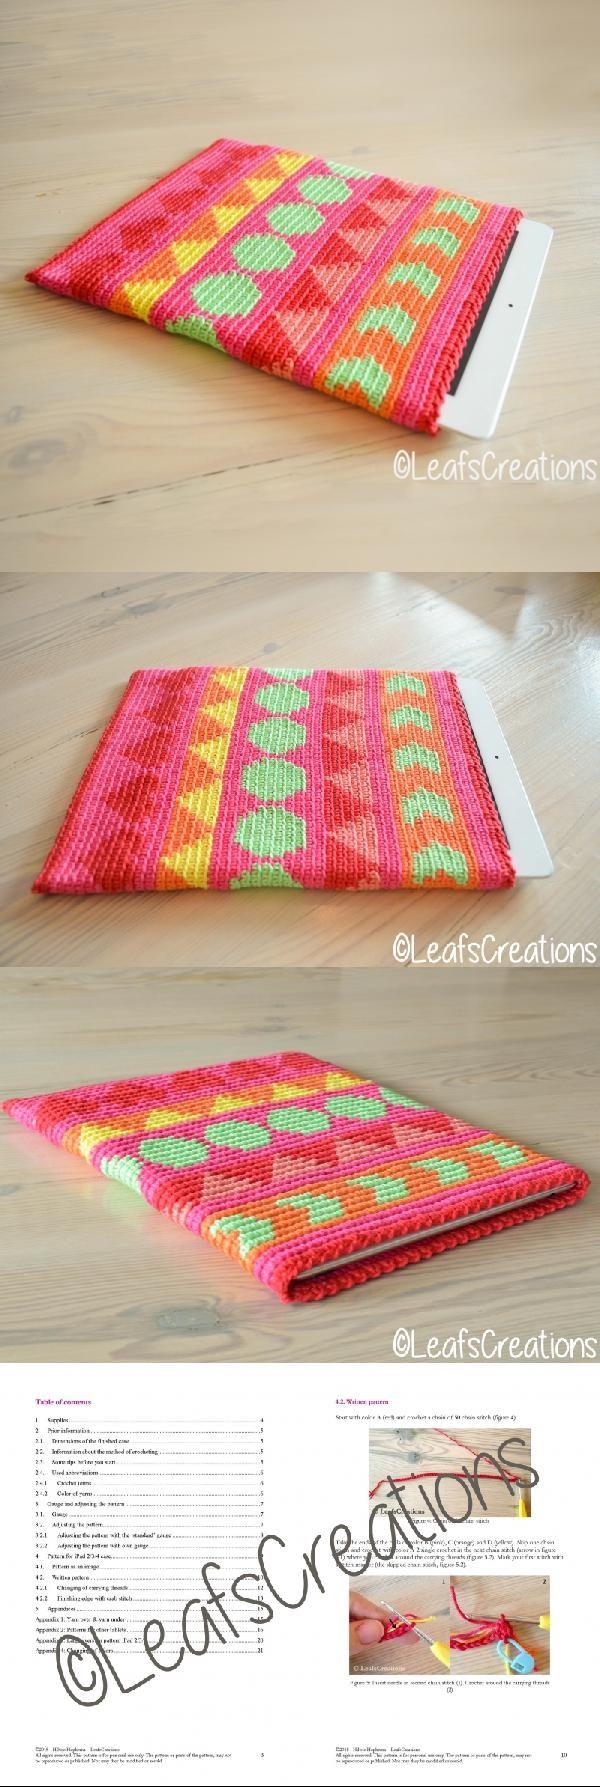 Tapestry crochet pattern iPad tablet case/sleeve crochet pattern